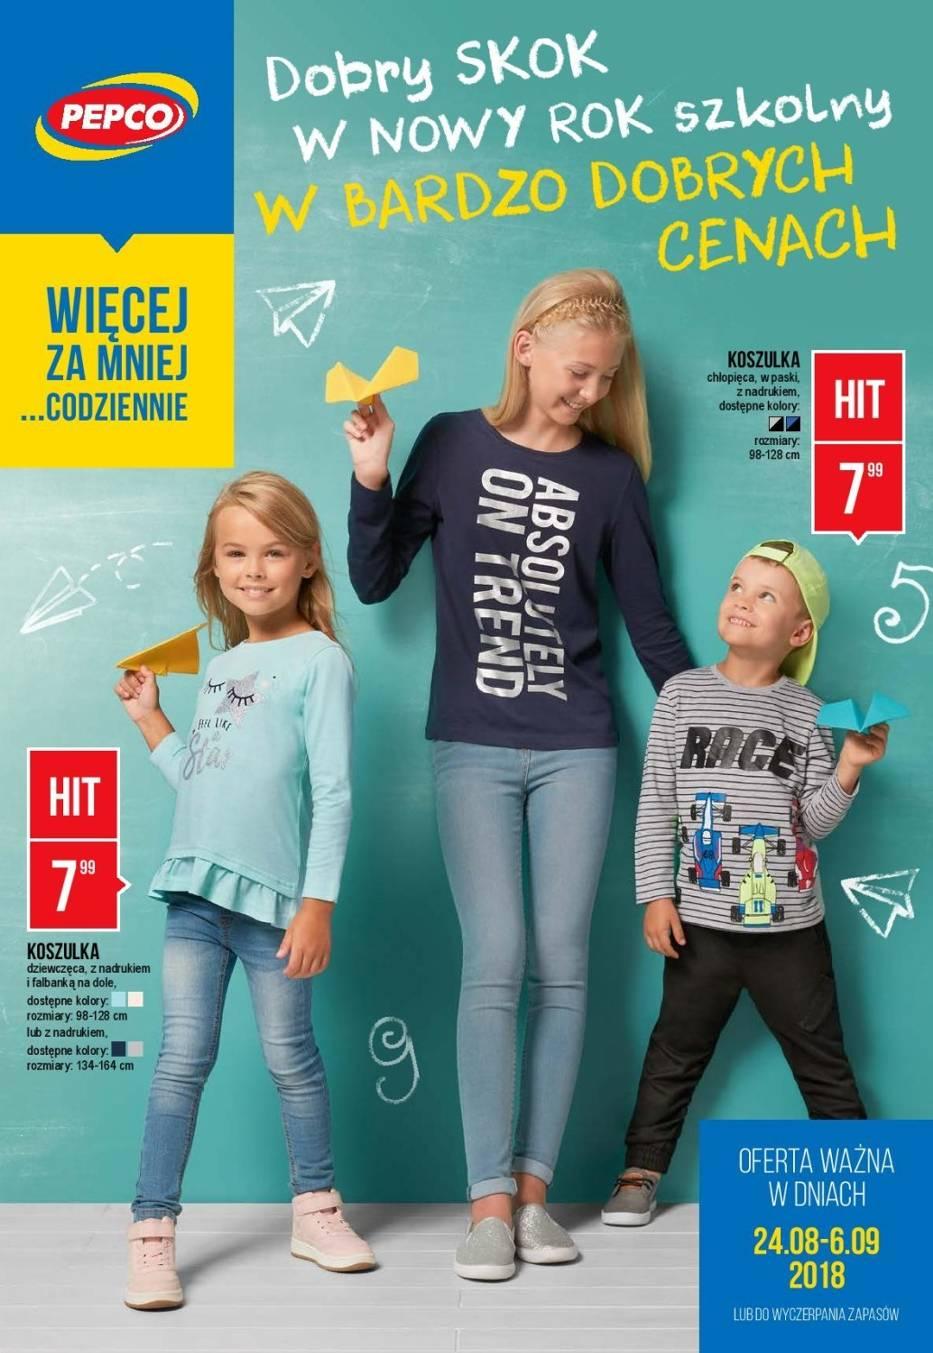 Wyprawka szkolna 2018 - ceny w sklepach Biedronka, Pepco, Carrefour, Kaufland, Tesco... GAZETKA